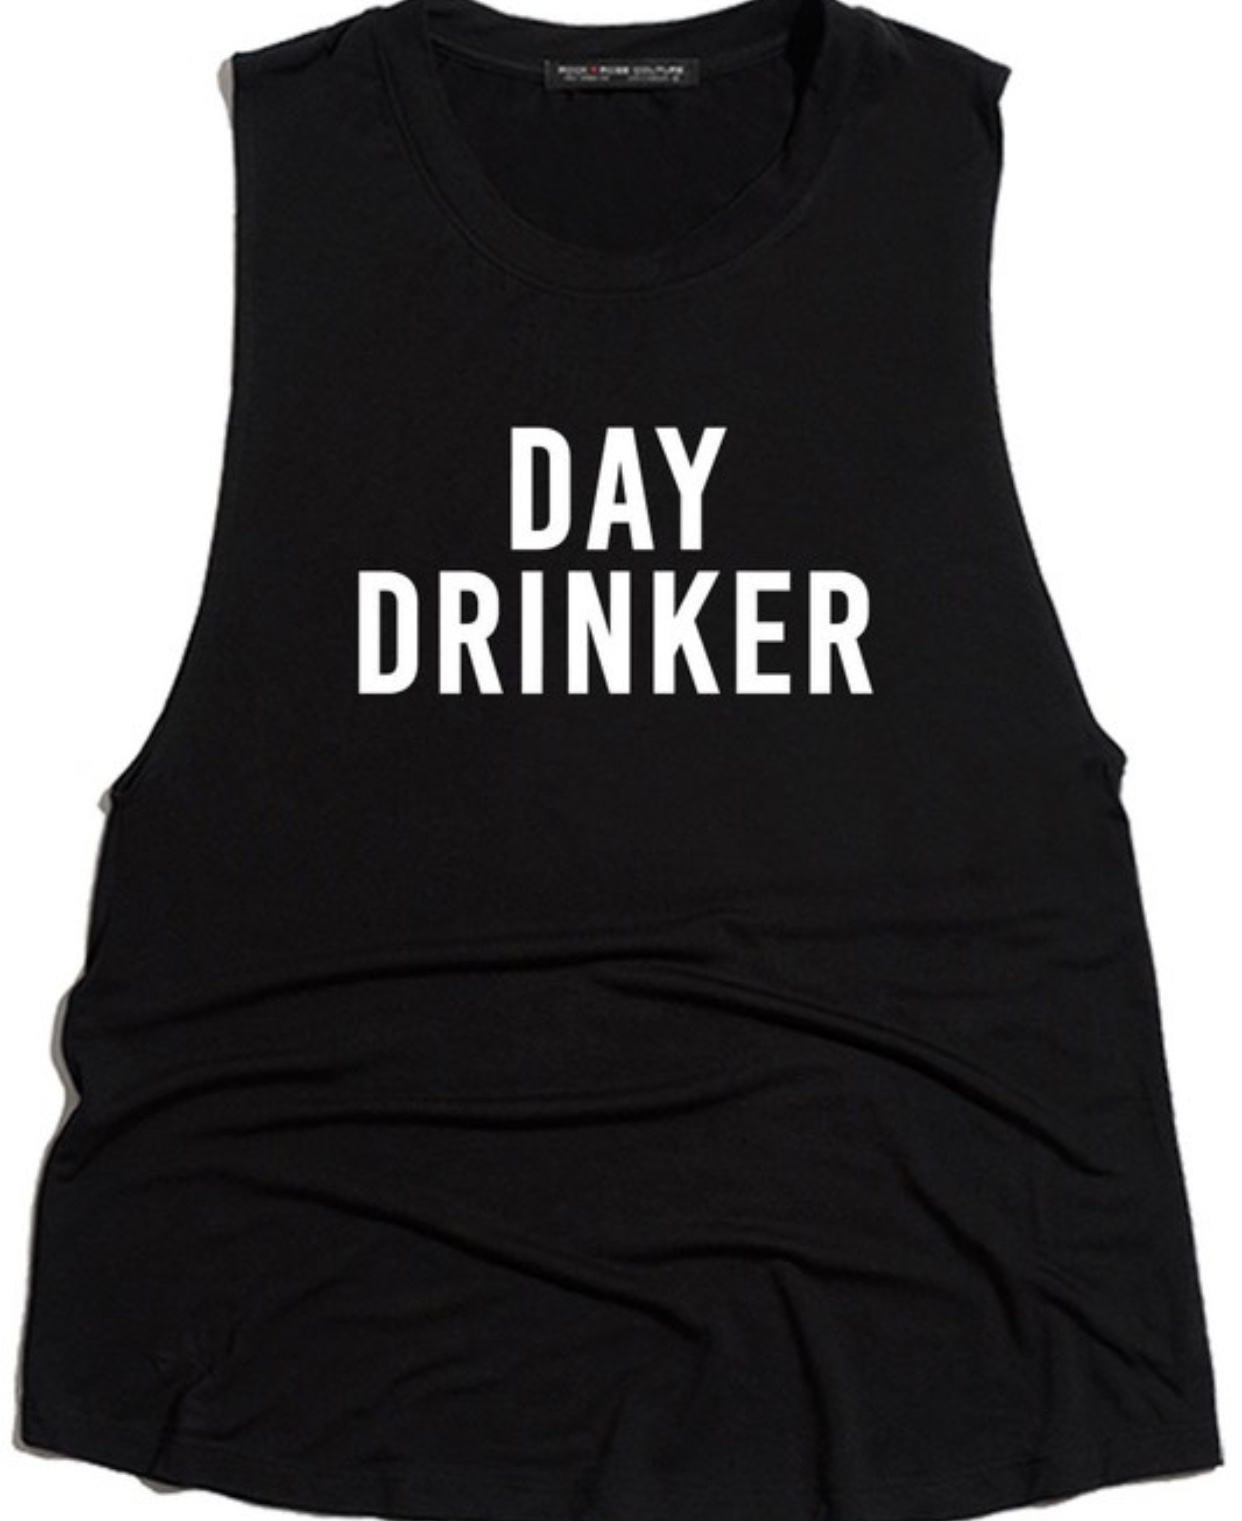 Rock Rose Day Drinker Muscle Tank